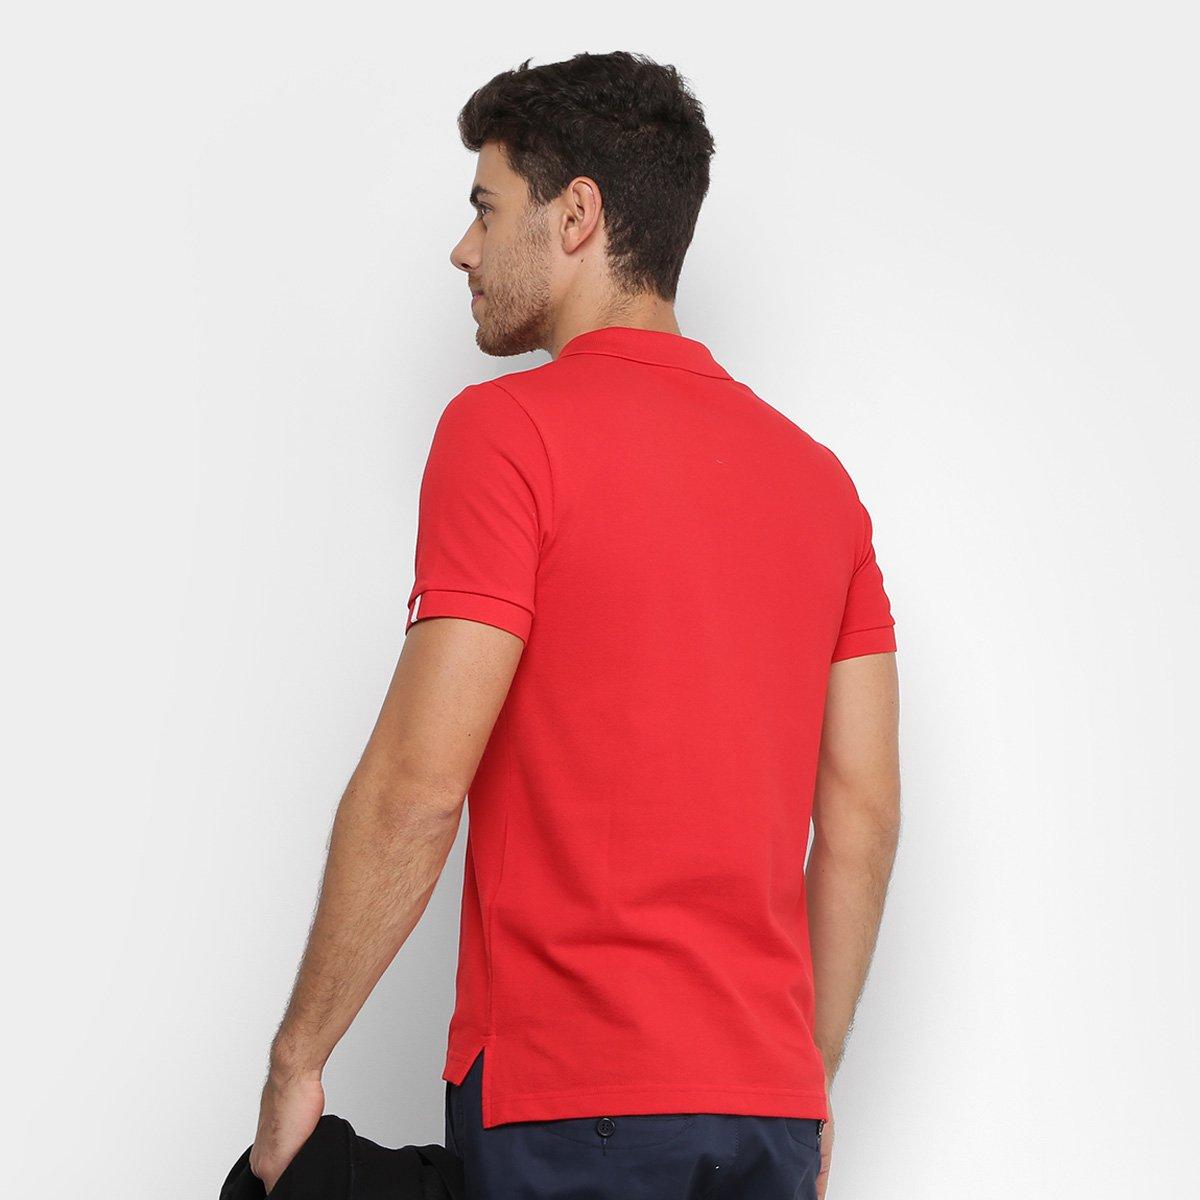 e1f5857a1e Camisa Polo Lacoste Live Piquet Masculina - Vermelho - Compre Agora ...